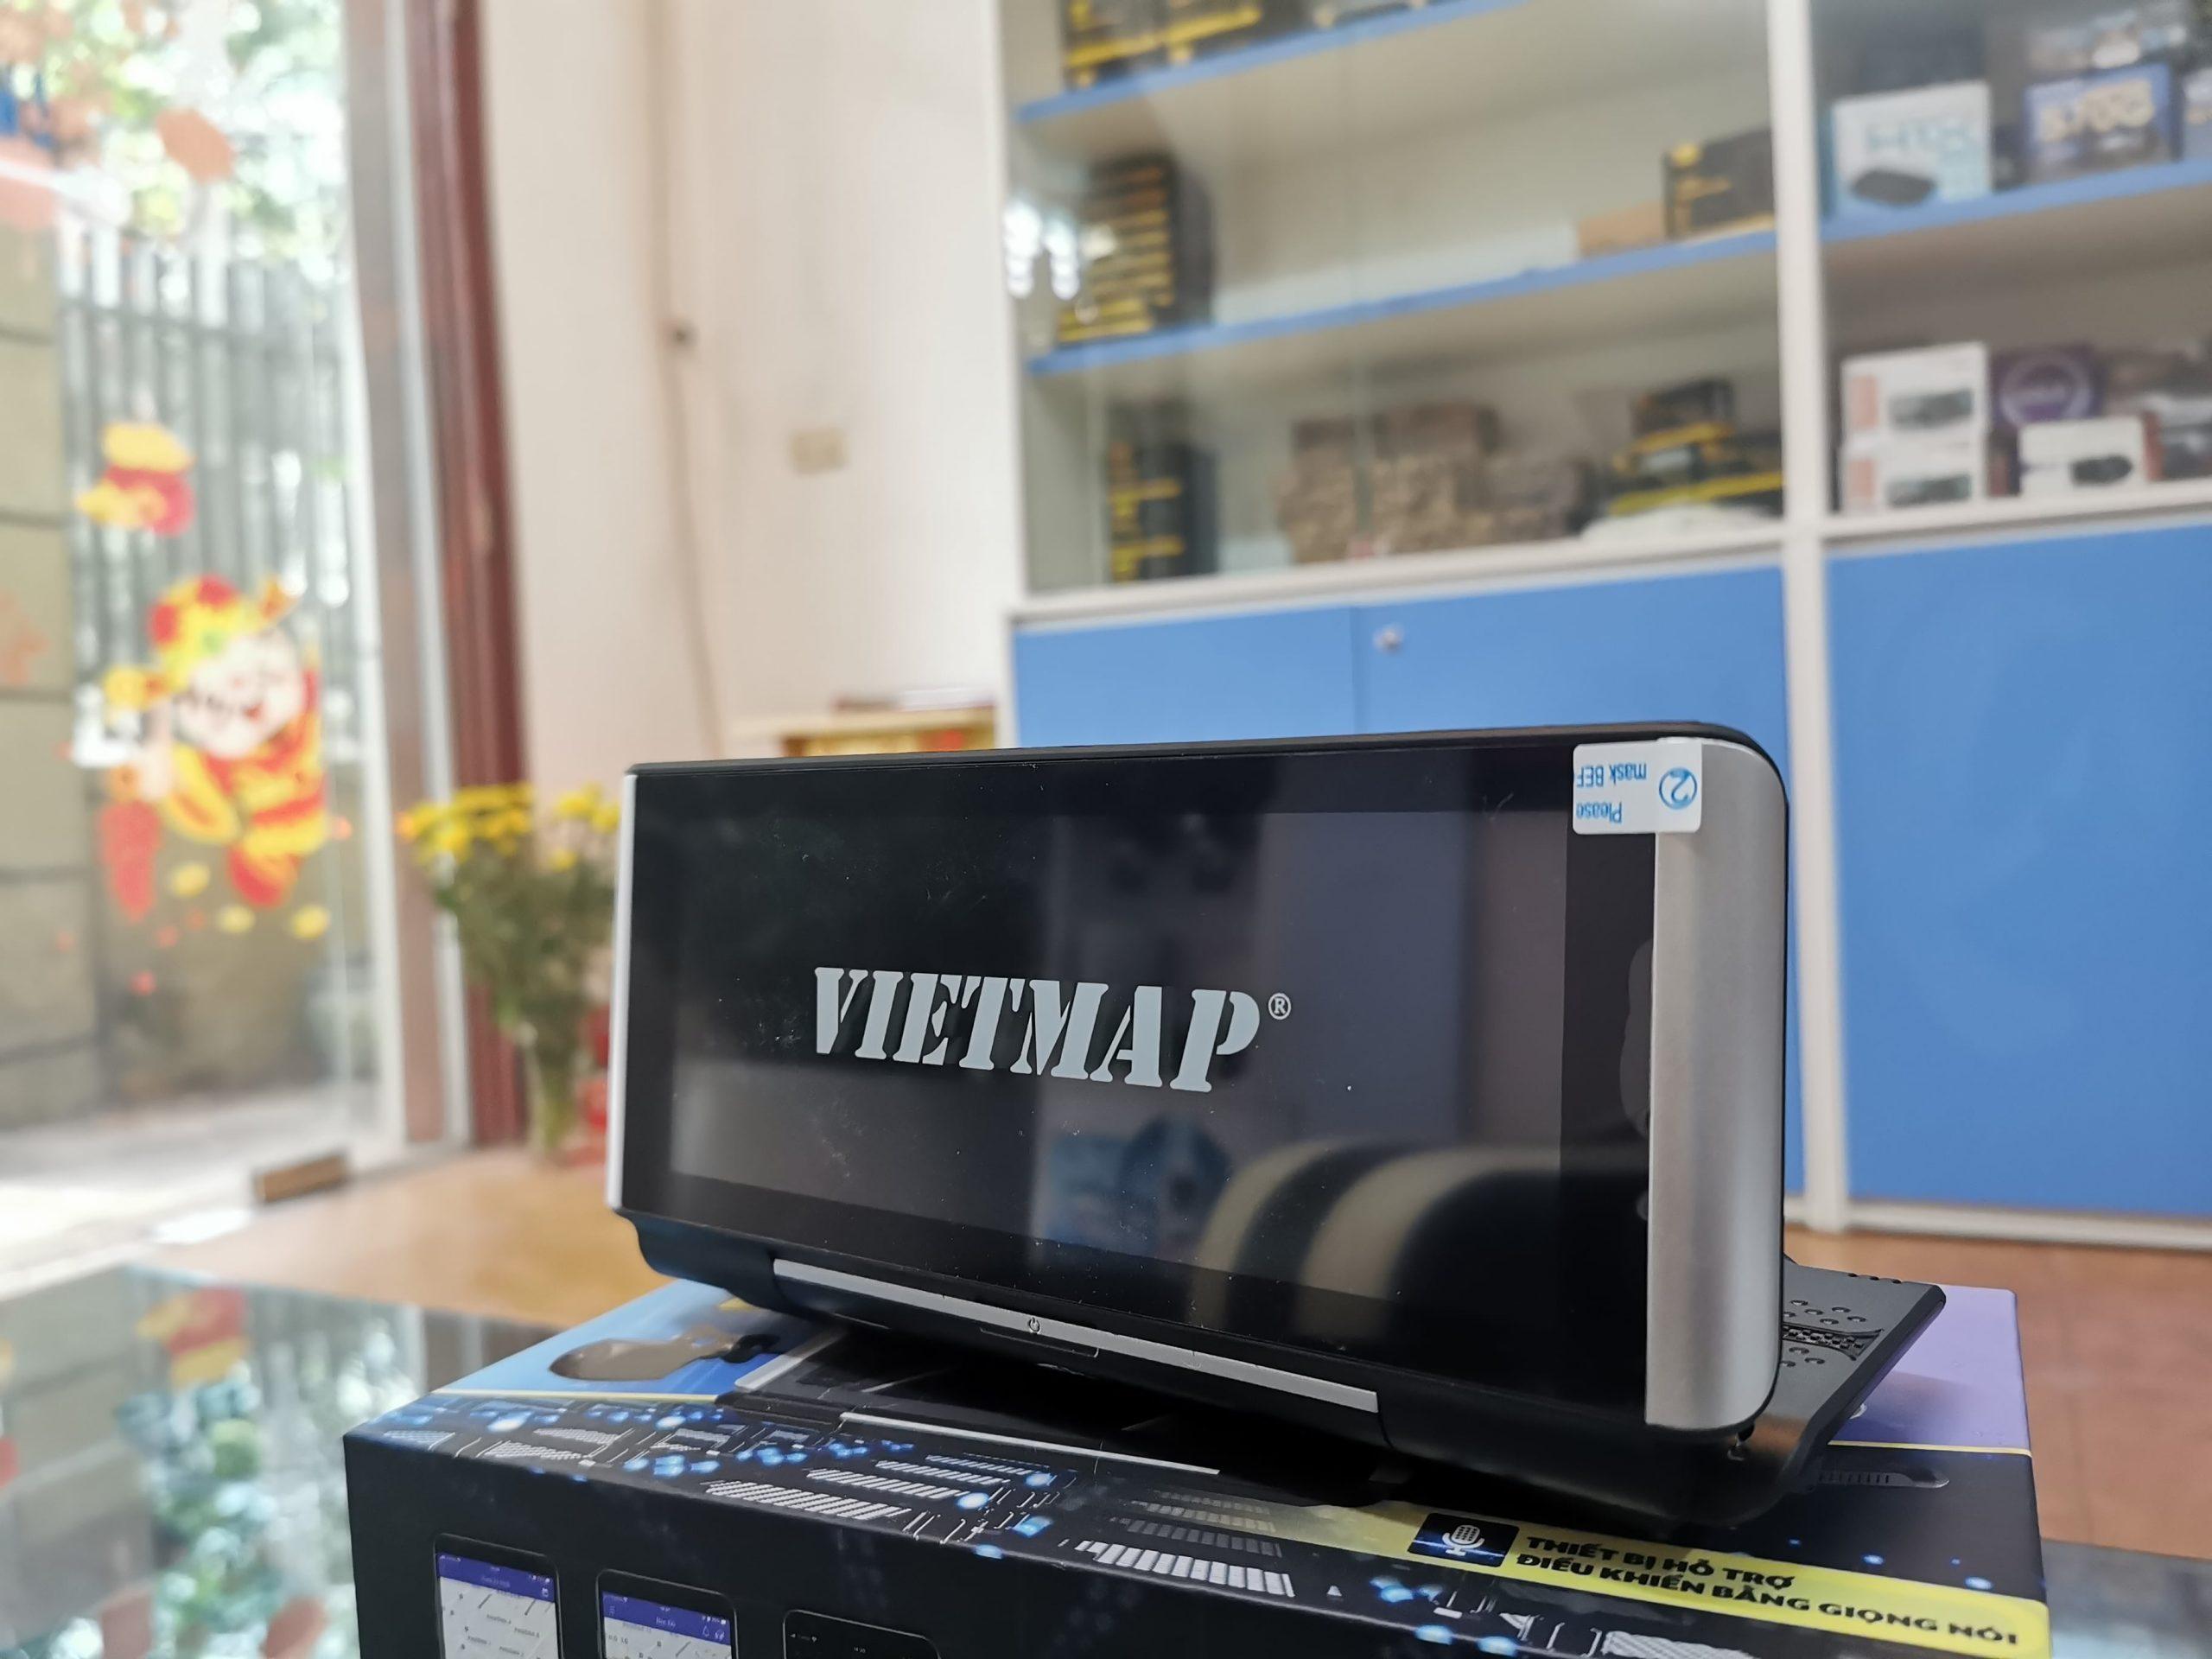 vietmap d22 chính hãng - bảng giá camera hành trình vietmap năm 2021